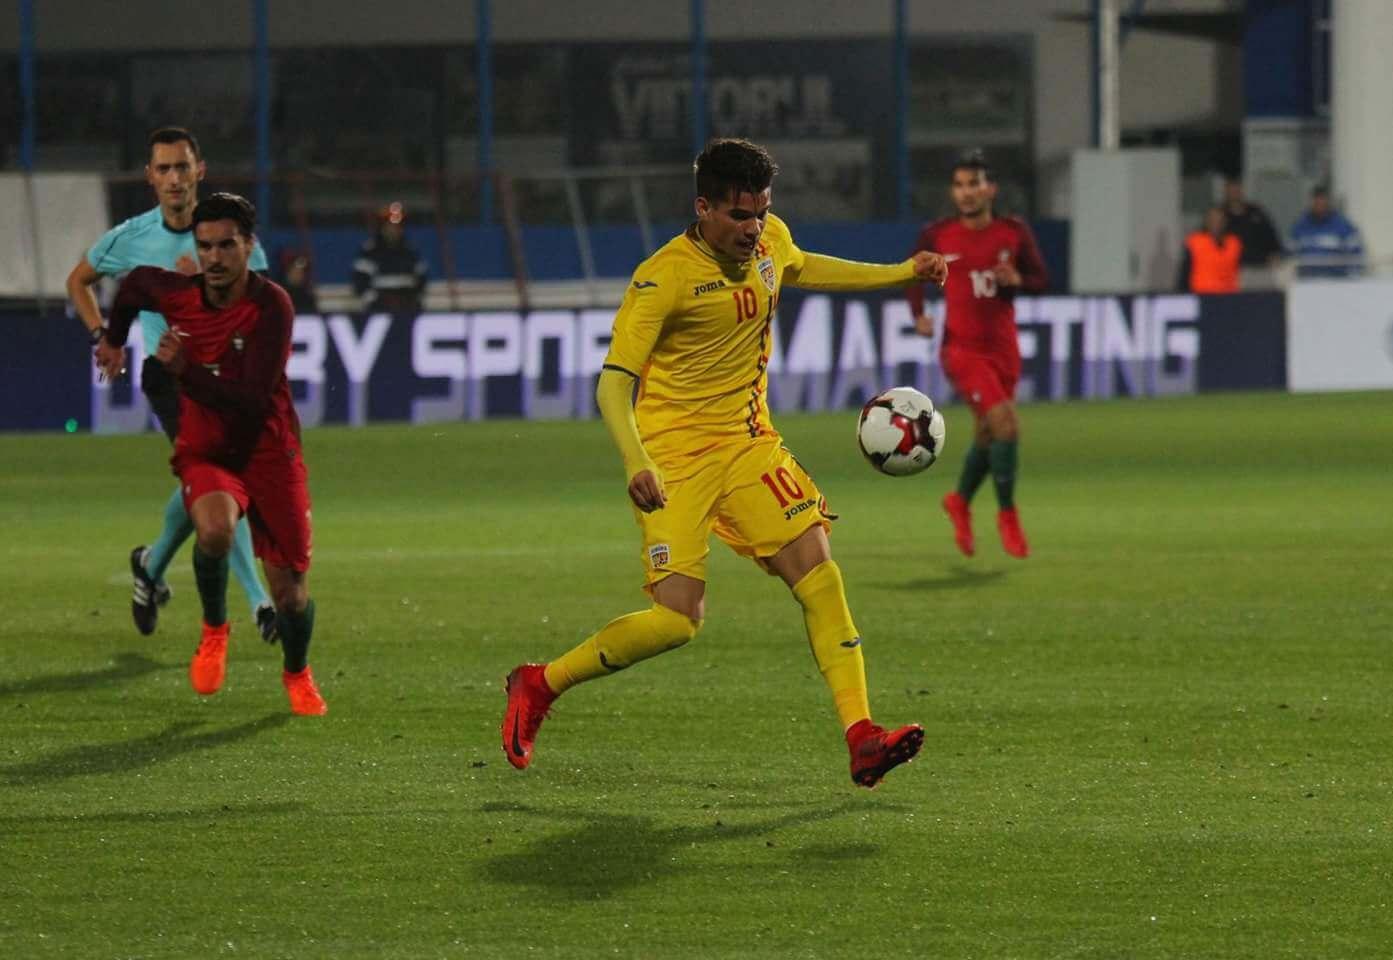 românia u21 – portugalia u21 1-1 România U21 – Portugalia U21 1-1 FB IMG 1510380223520